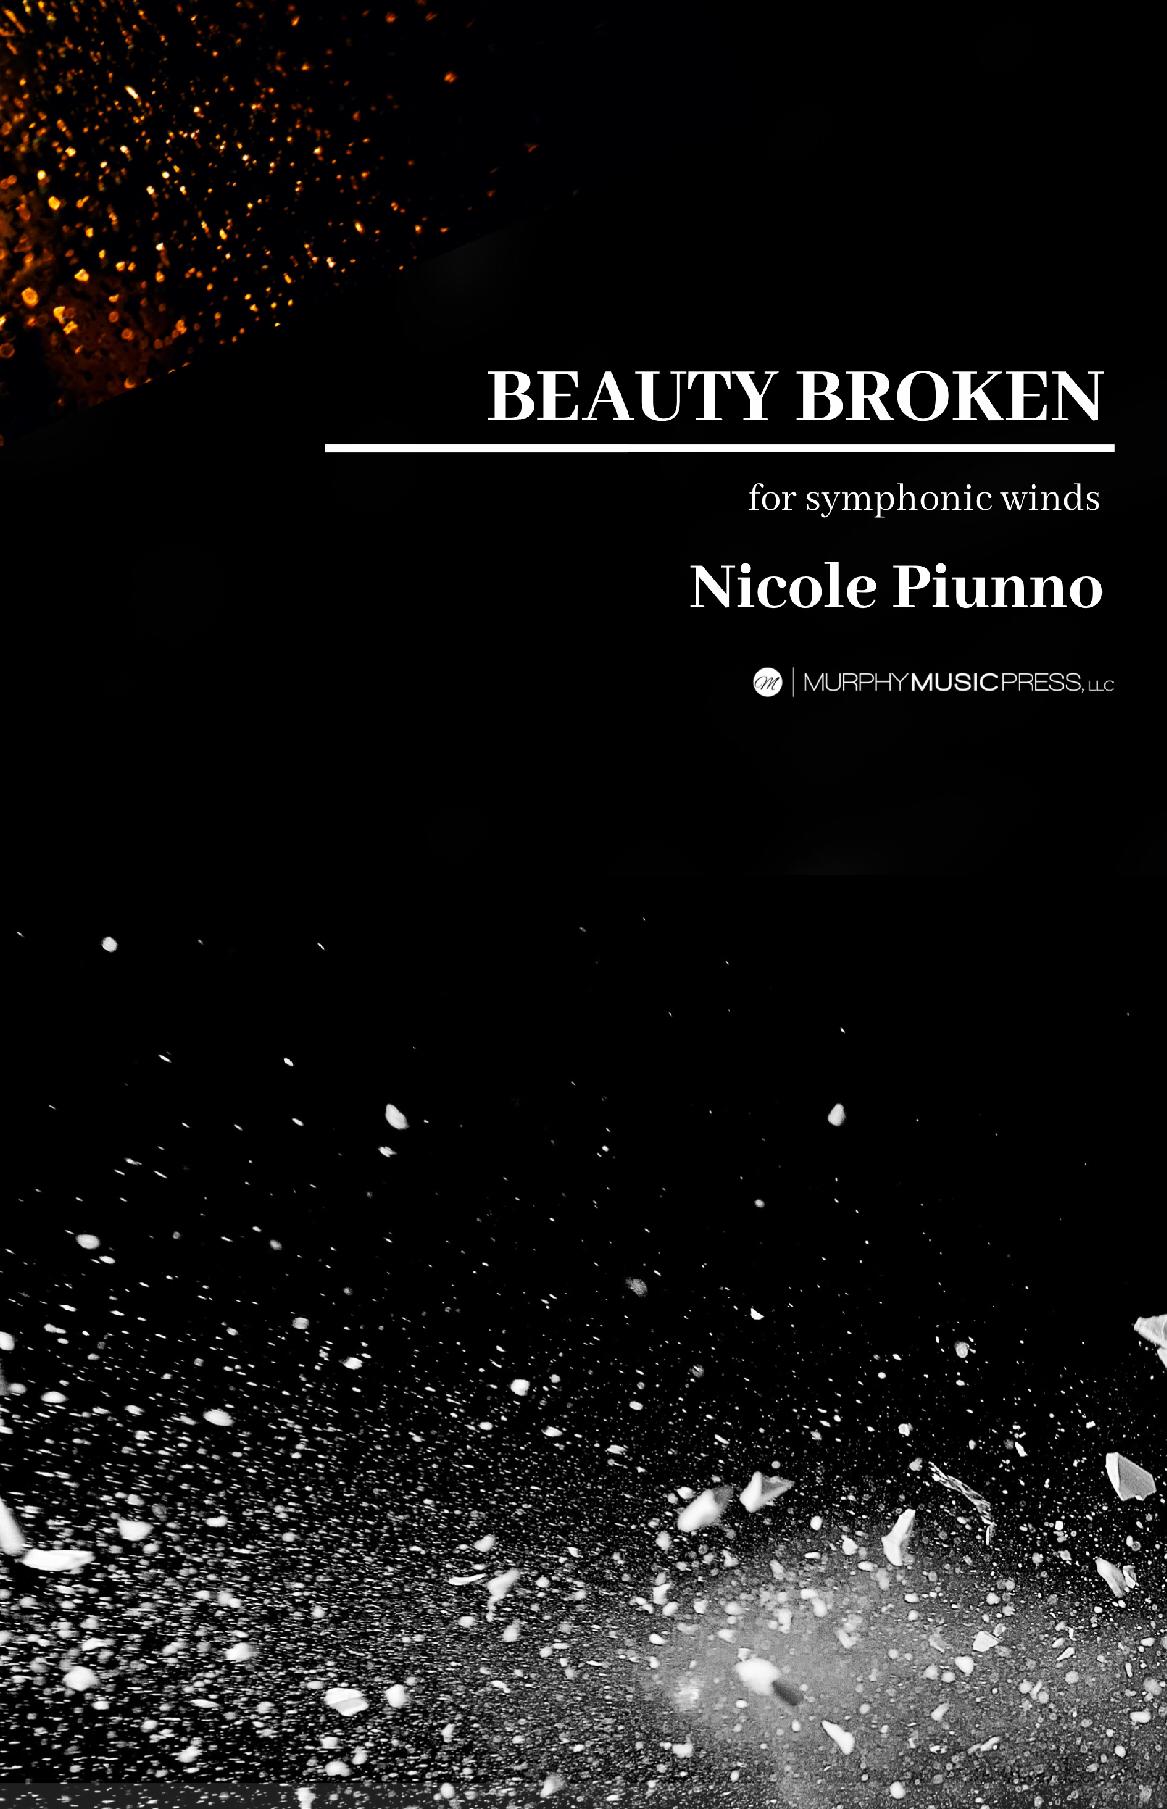 Beauty Broken  by Nicole Piunno